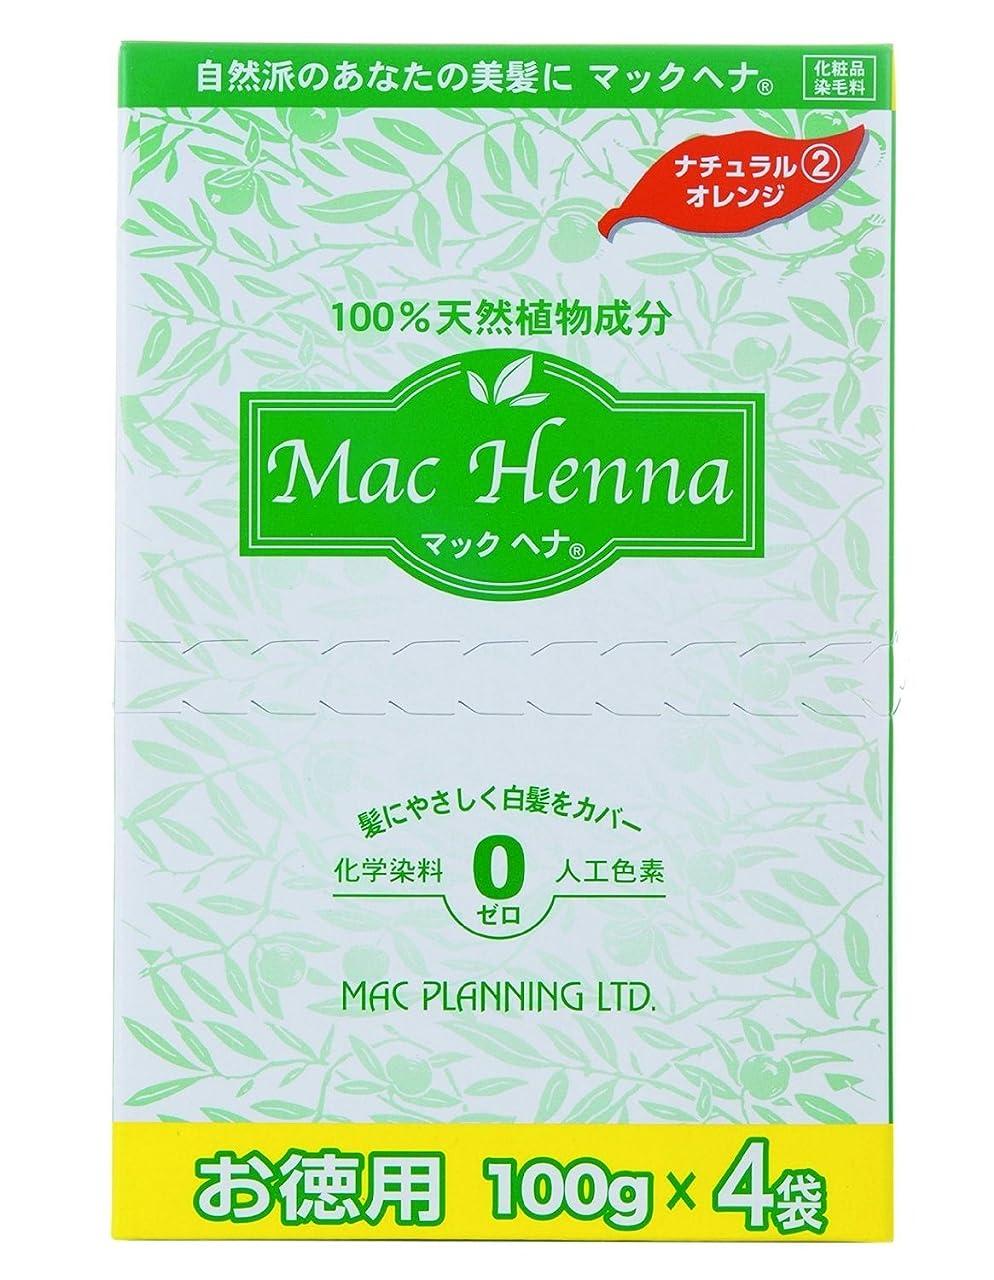 不適メディアトリムマックヘナ お徳用(ナチュラルオレンジ)-2 400g(100g×4袋)